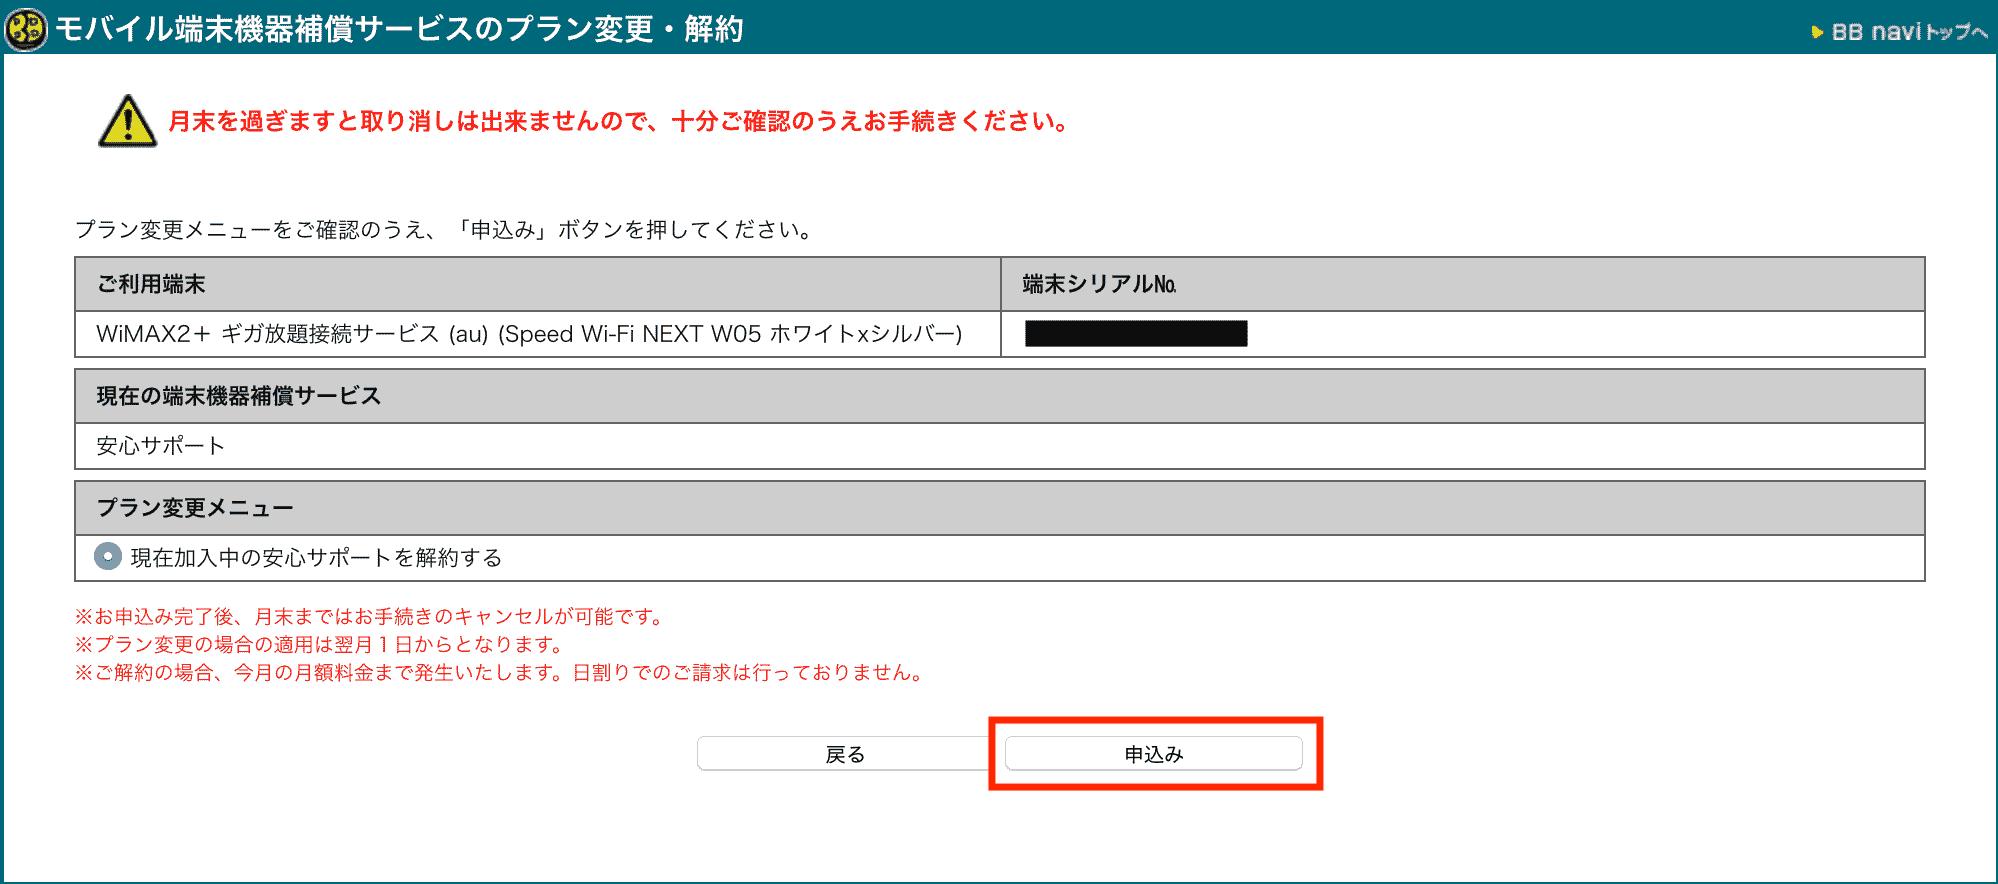 安心サポートオプションの解約ページ